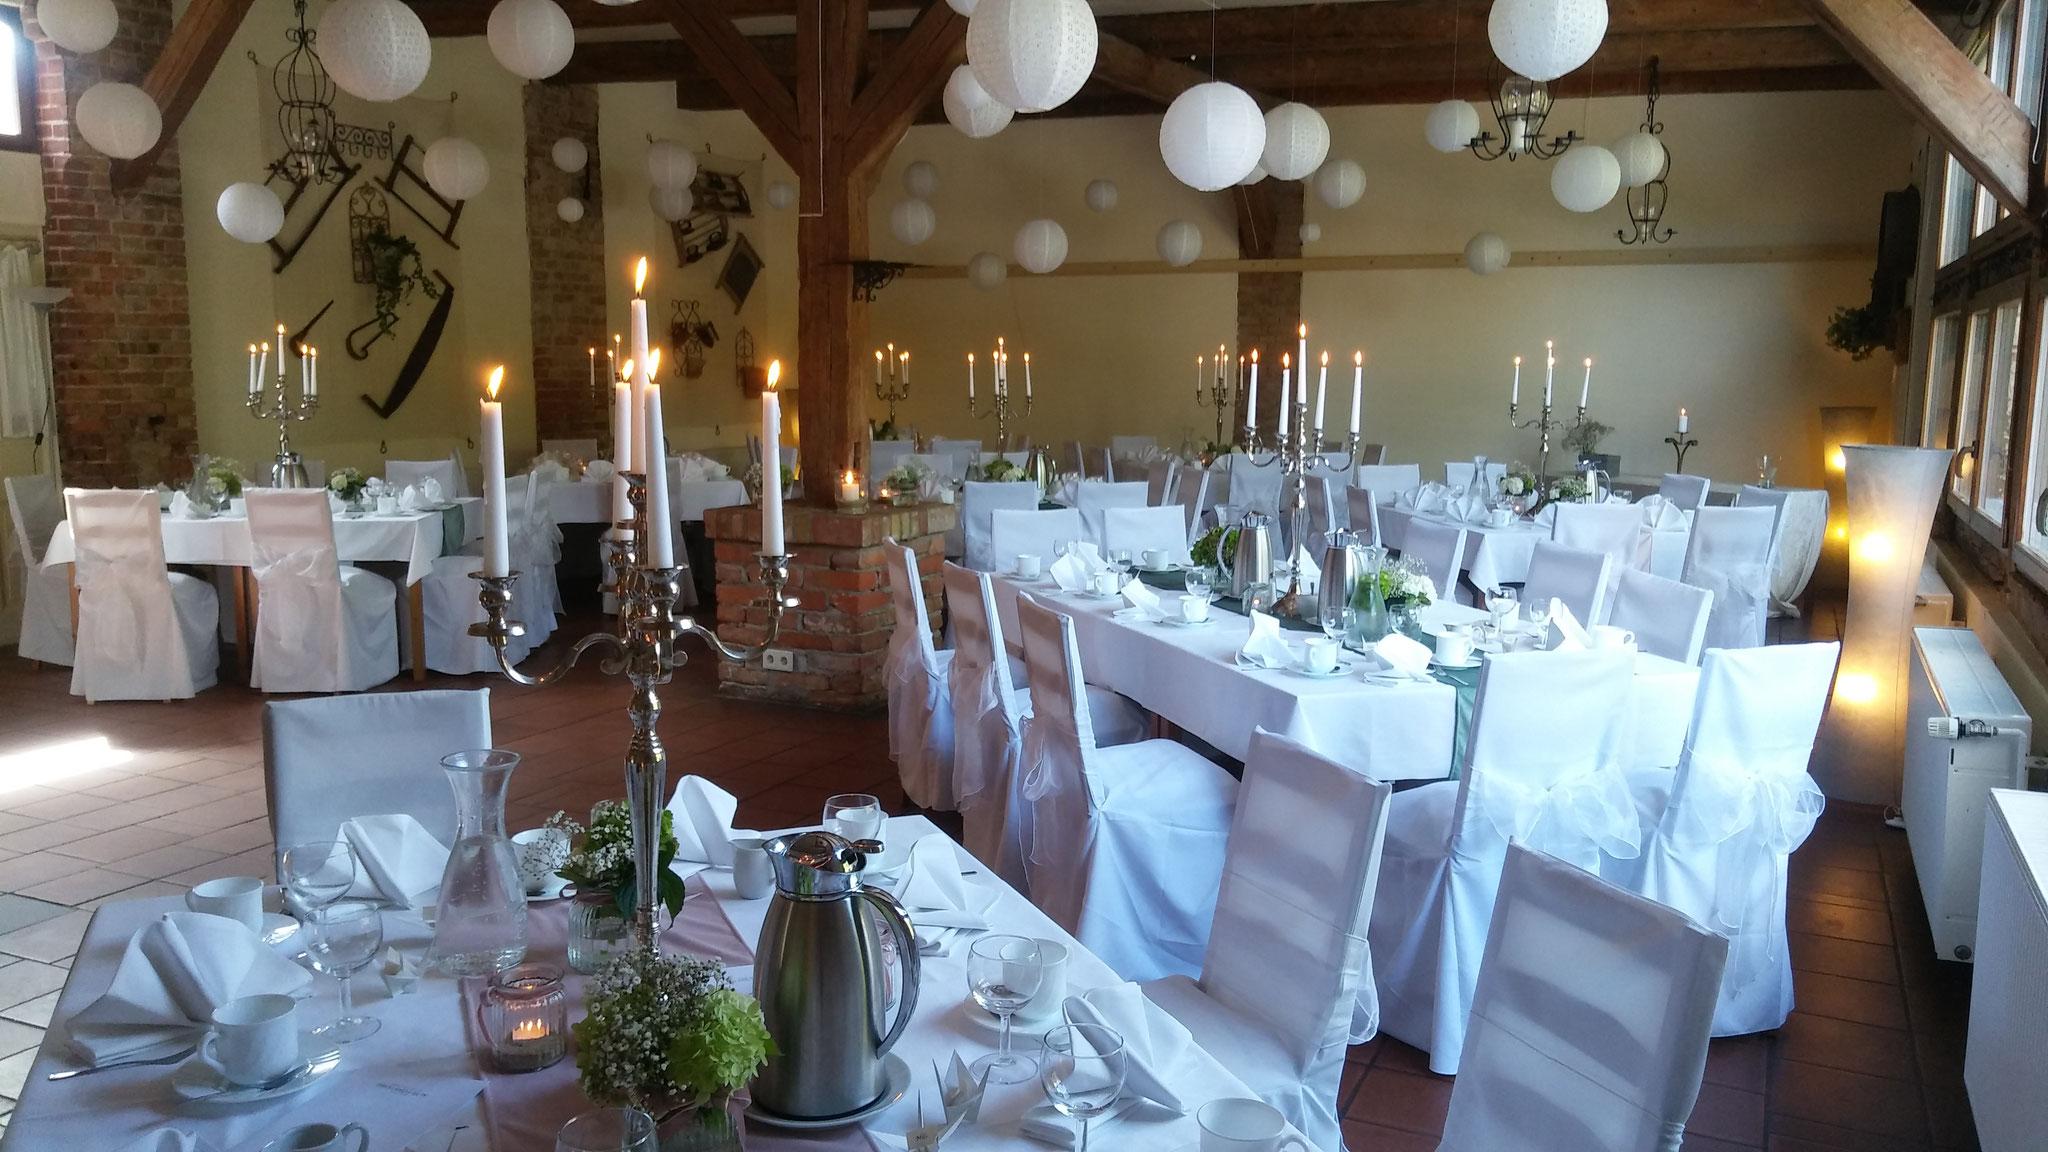 Festliche Tafel Hotel Alte Försterei Kloster Zinna